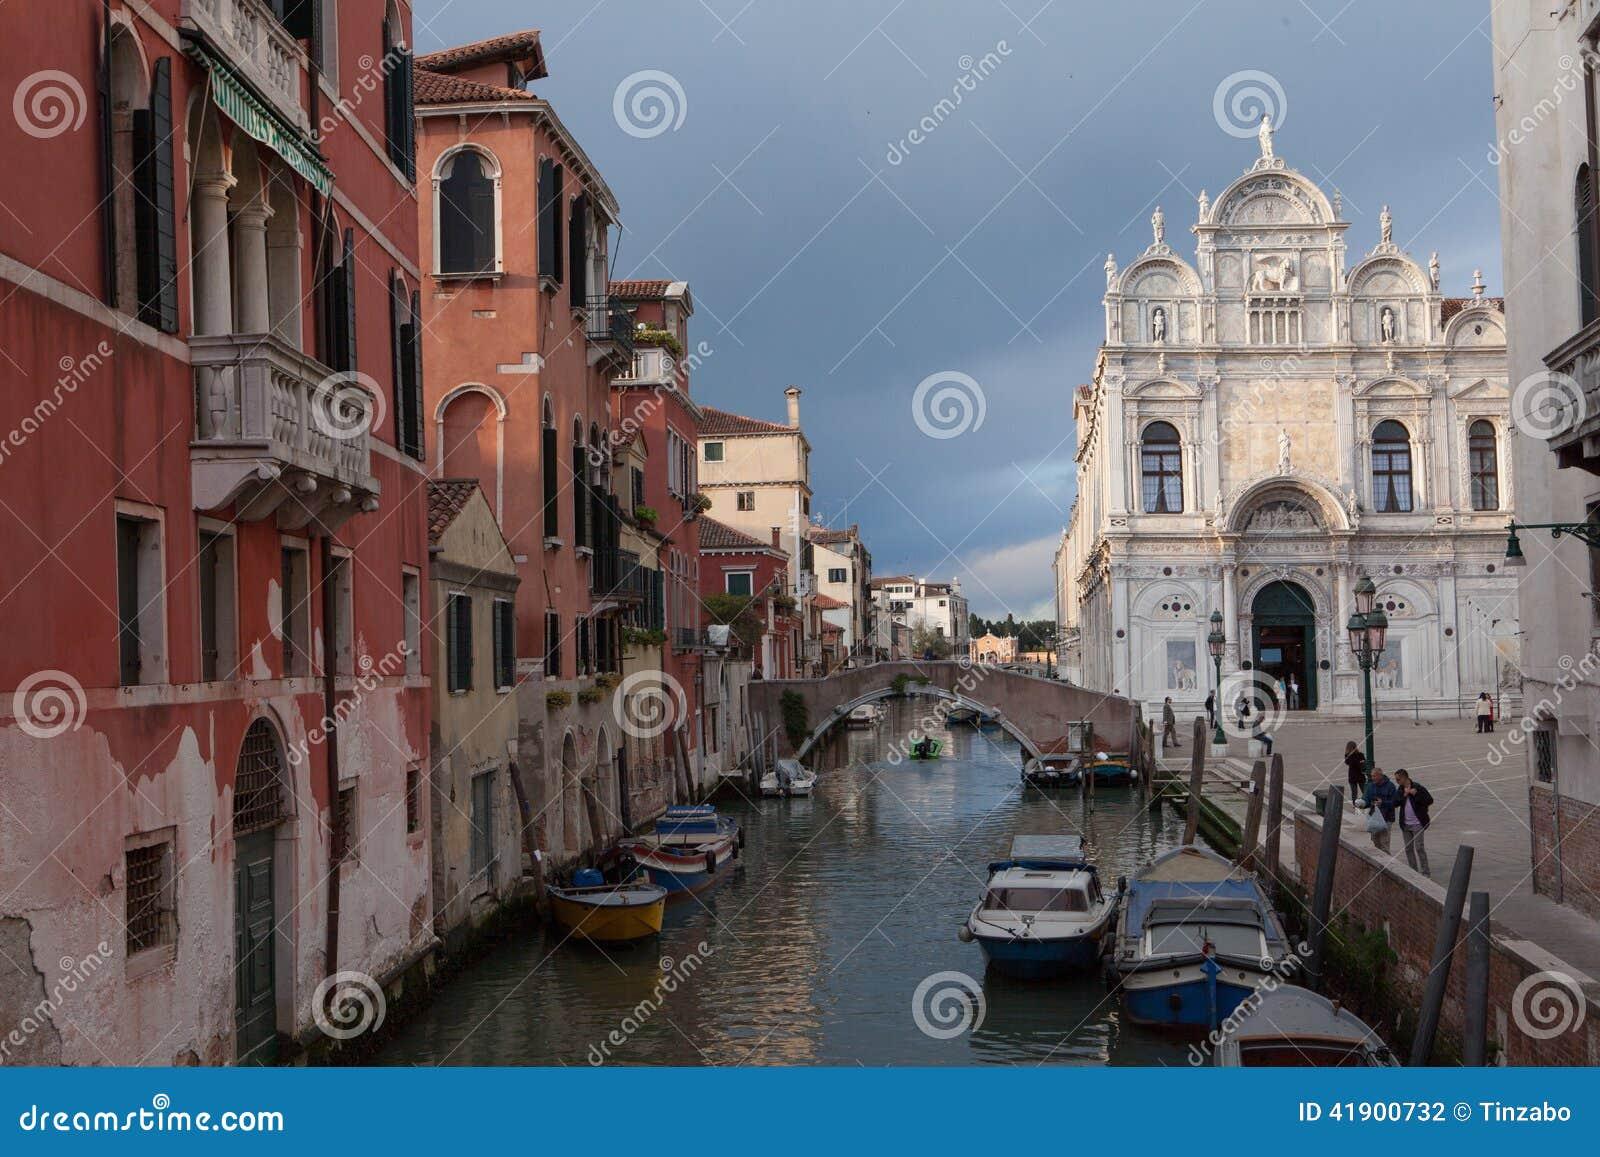 Venecia, plaza con un fasade de mármol de la catedral, del canal y del barco